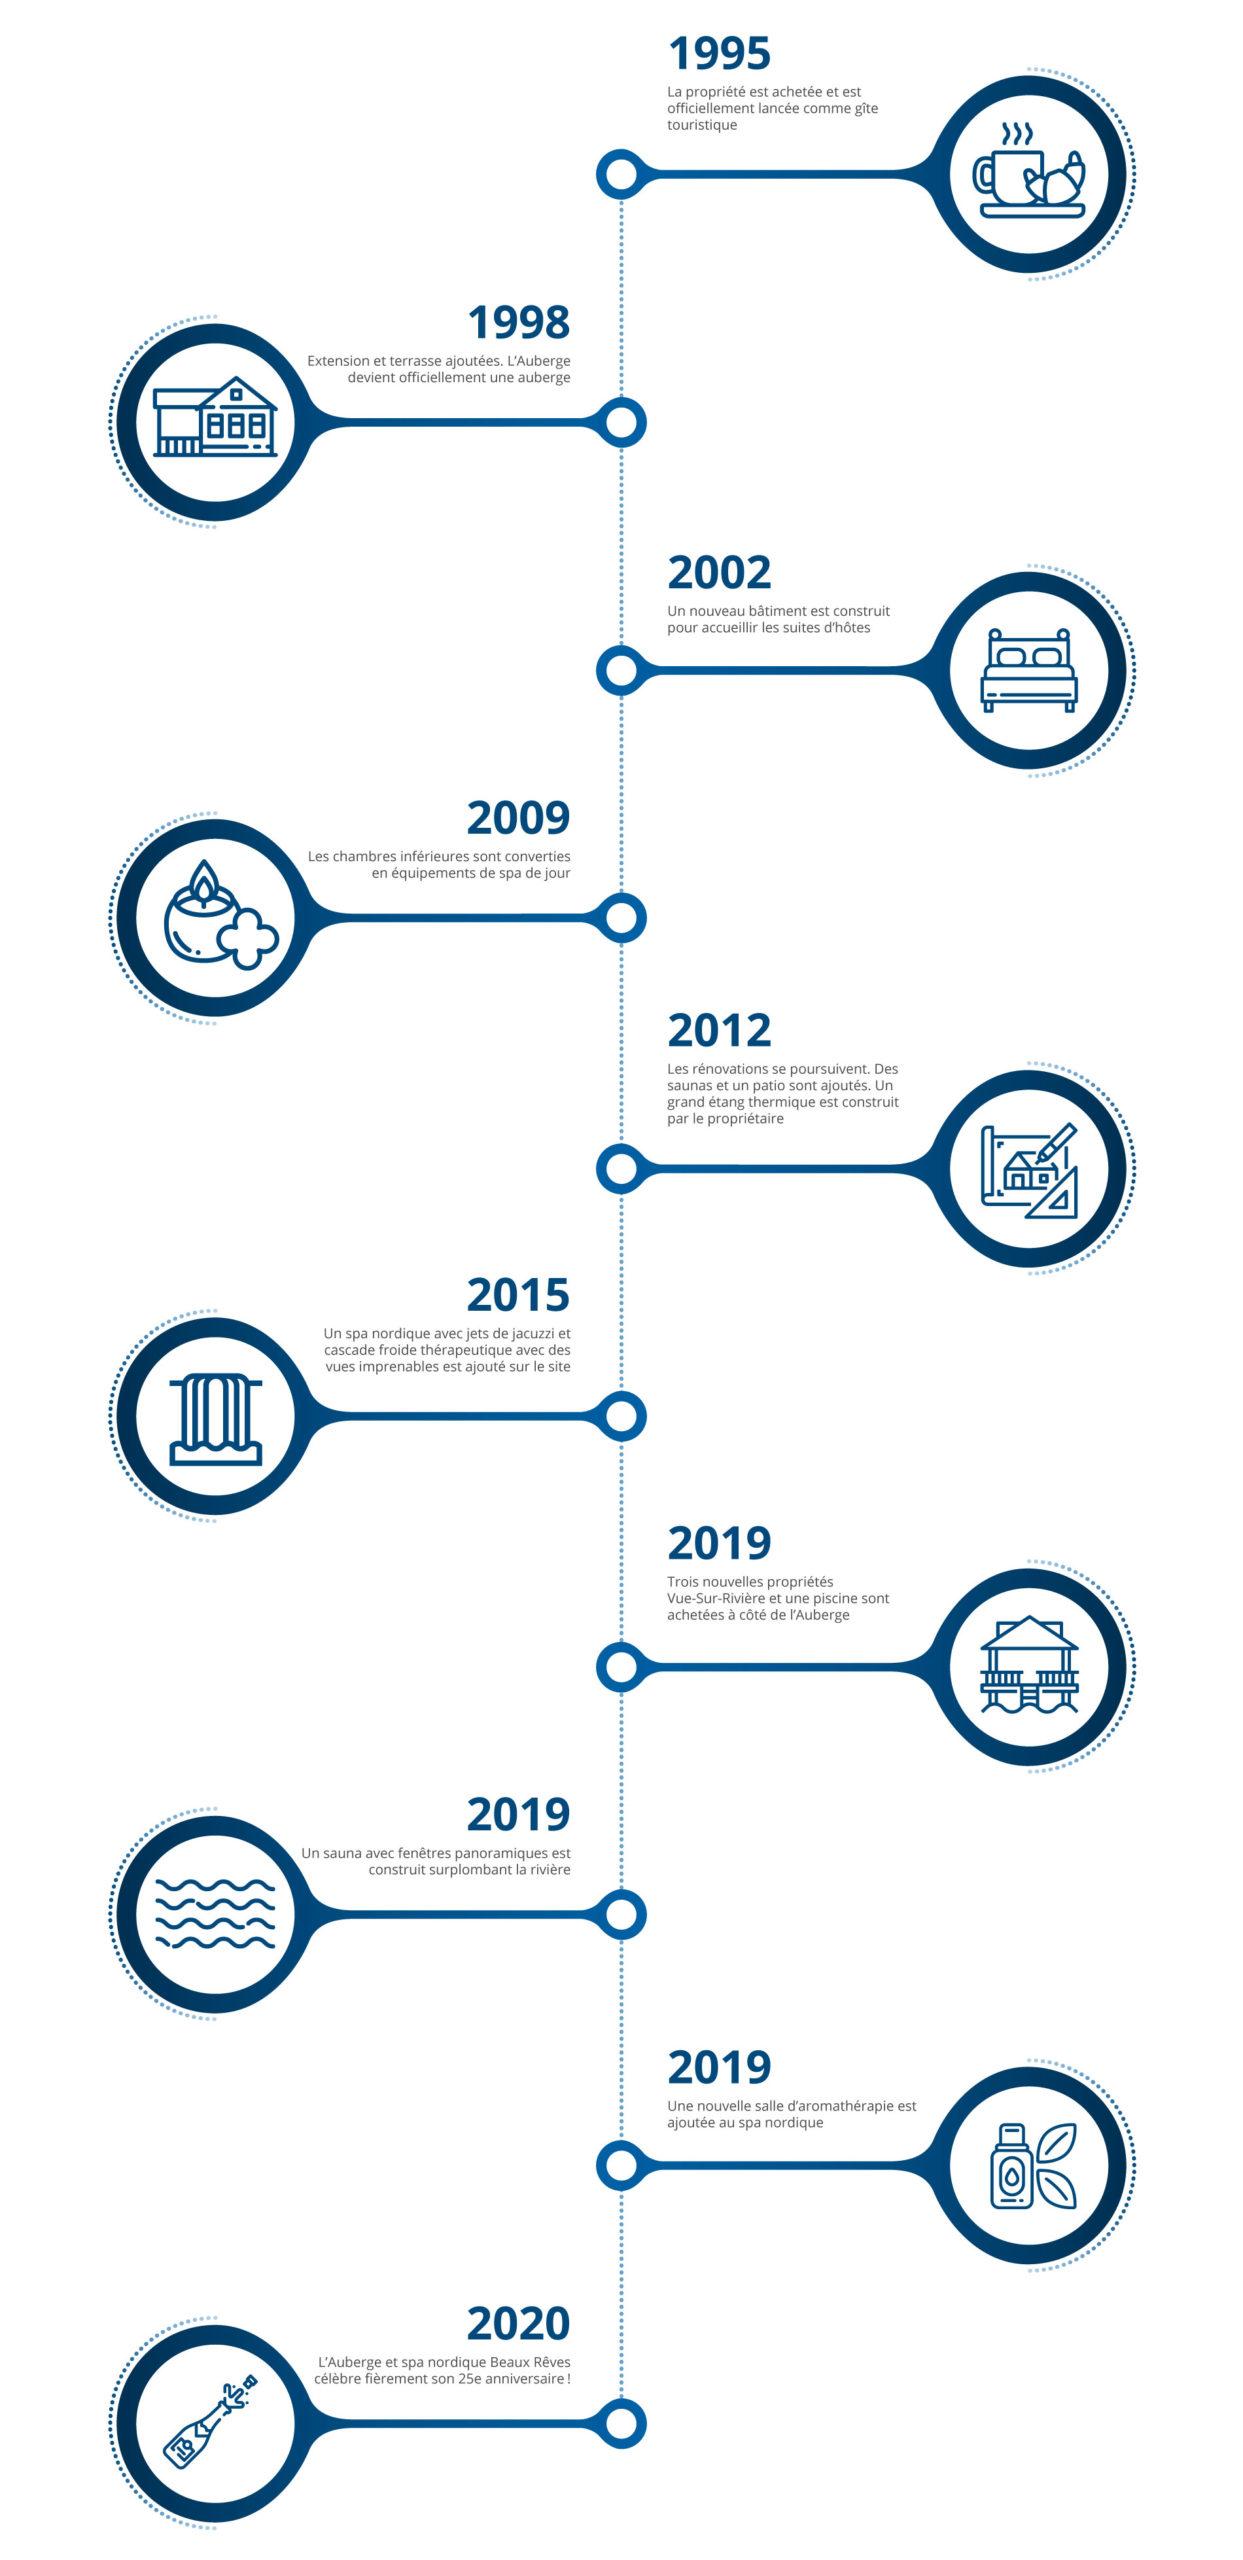 Beaux-Reves-Timeline---2020_FR-OPTIMIZED